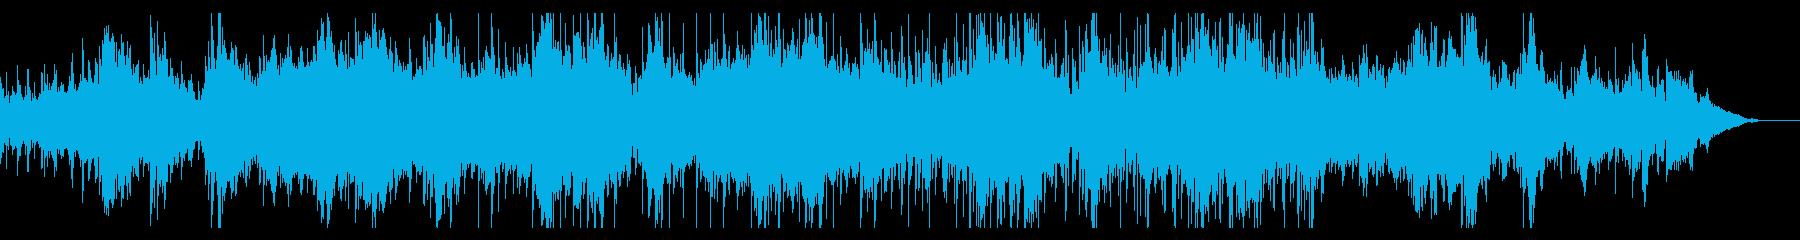 ホラー風味のシネマアンビエントの再生済みの波形